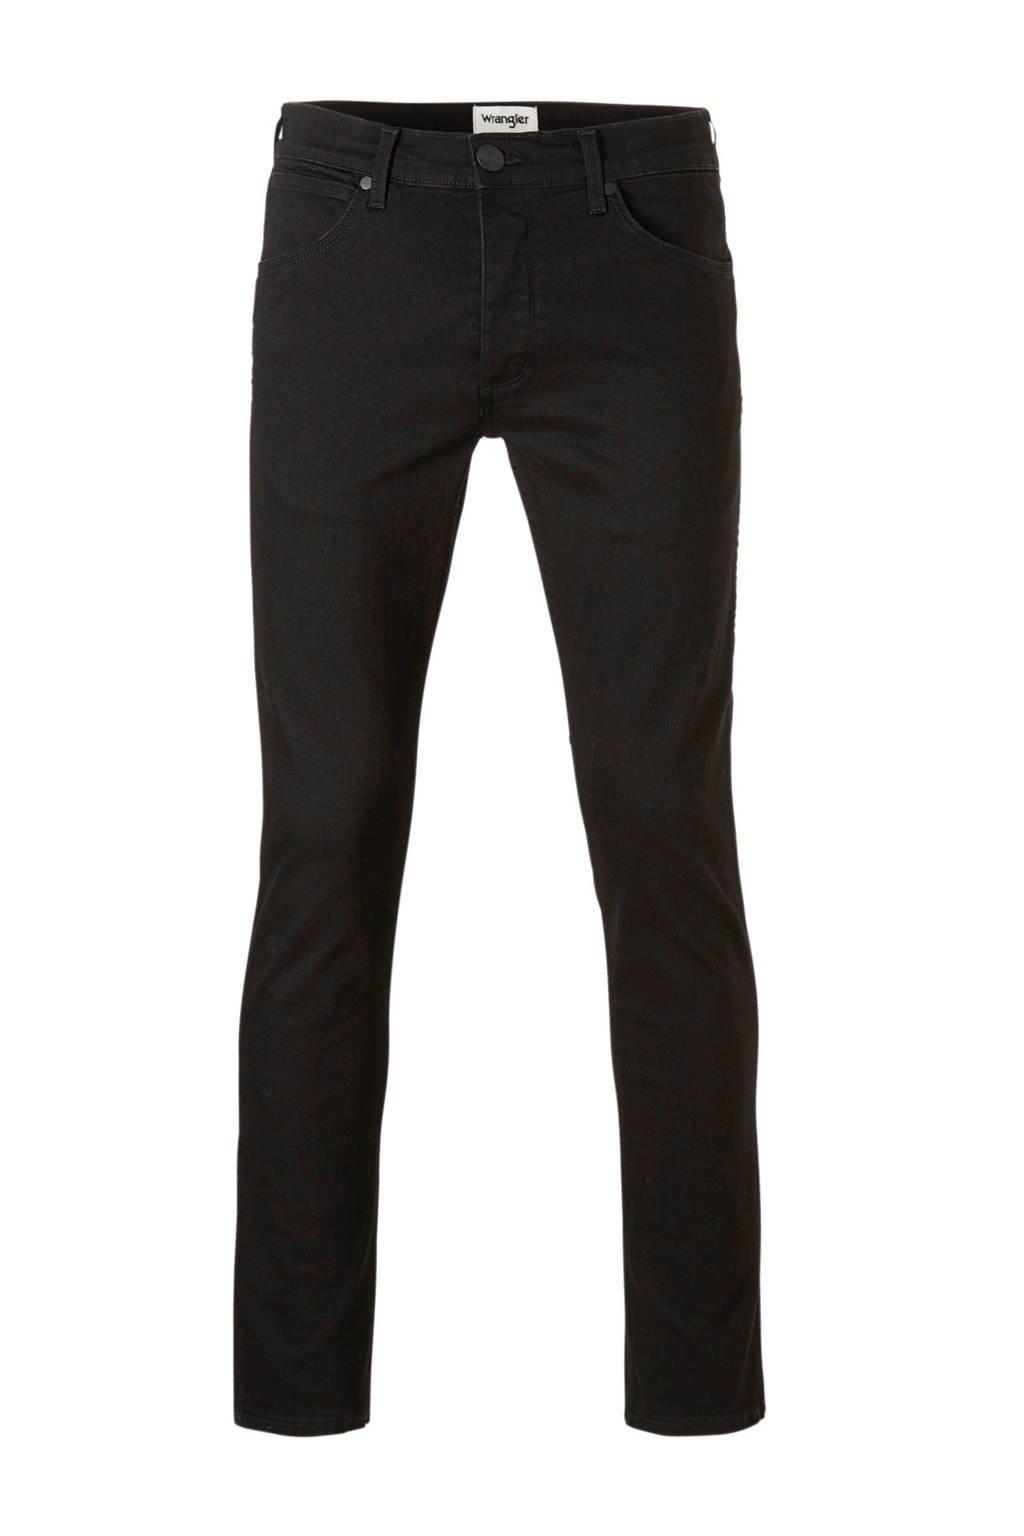 Wrangler  regular Greensboro regular straight fit jeans, Zwart